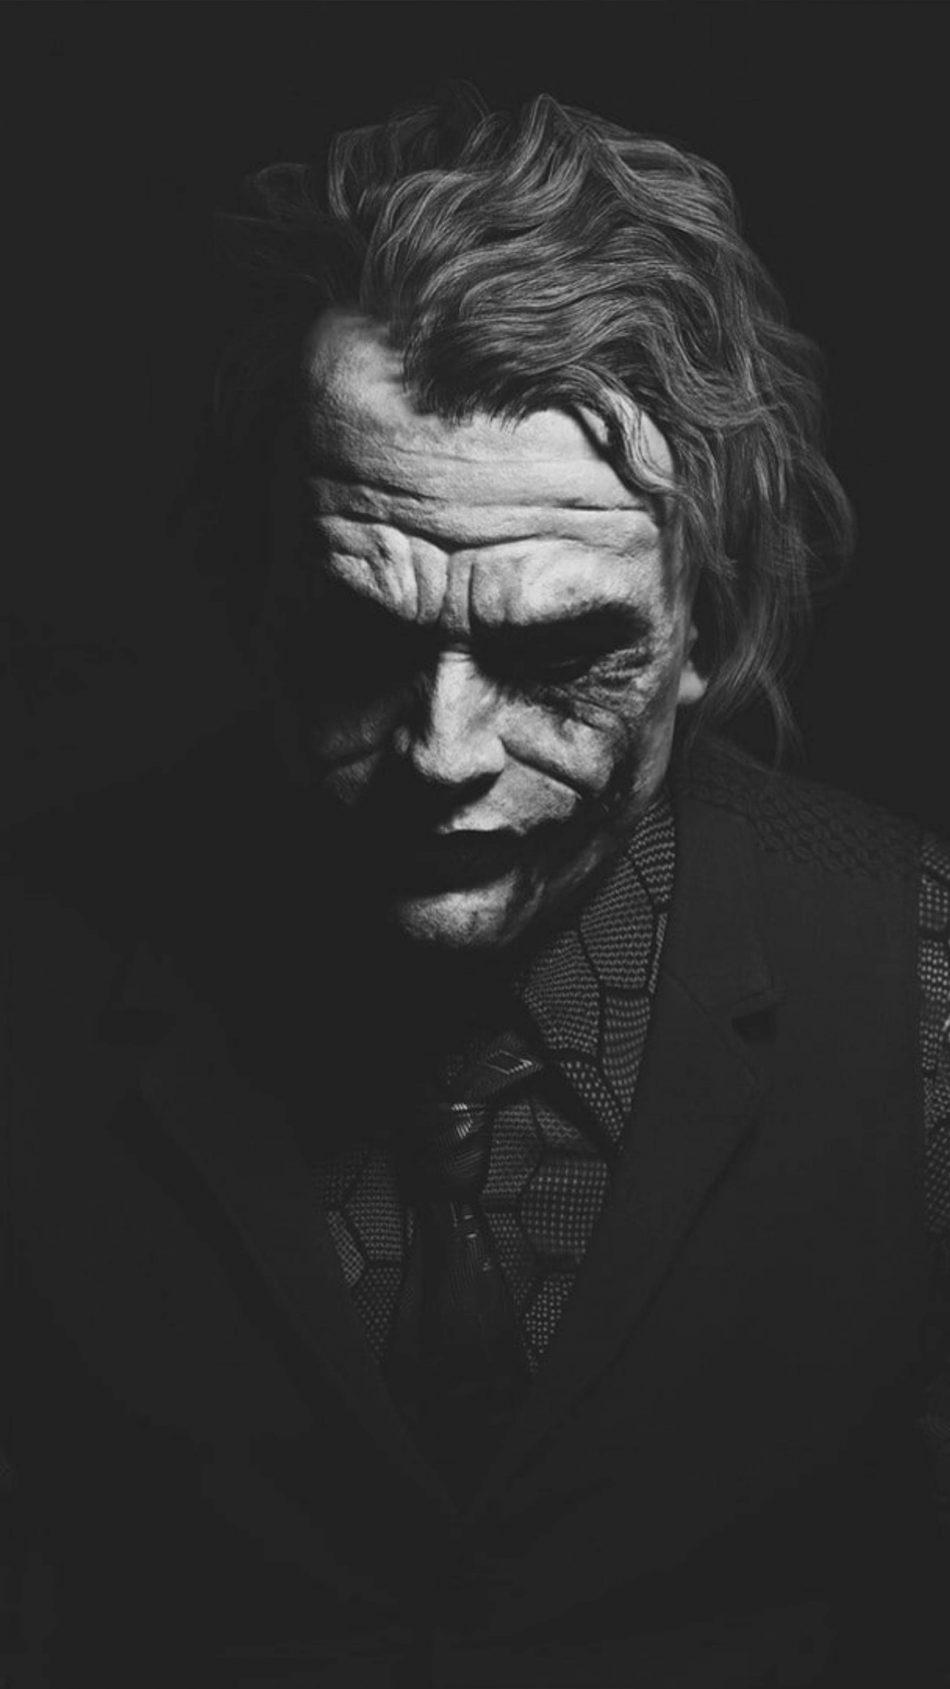 Heath Ledger Joker Black & White Artwork 4K Ultra HD ...